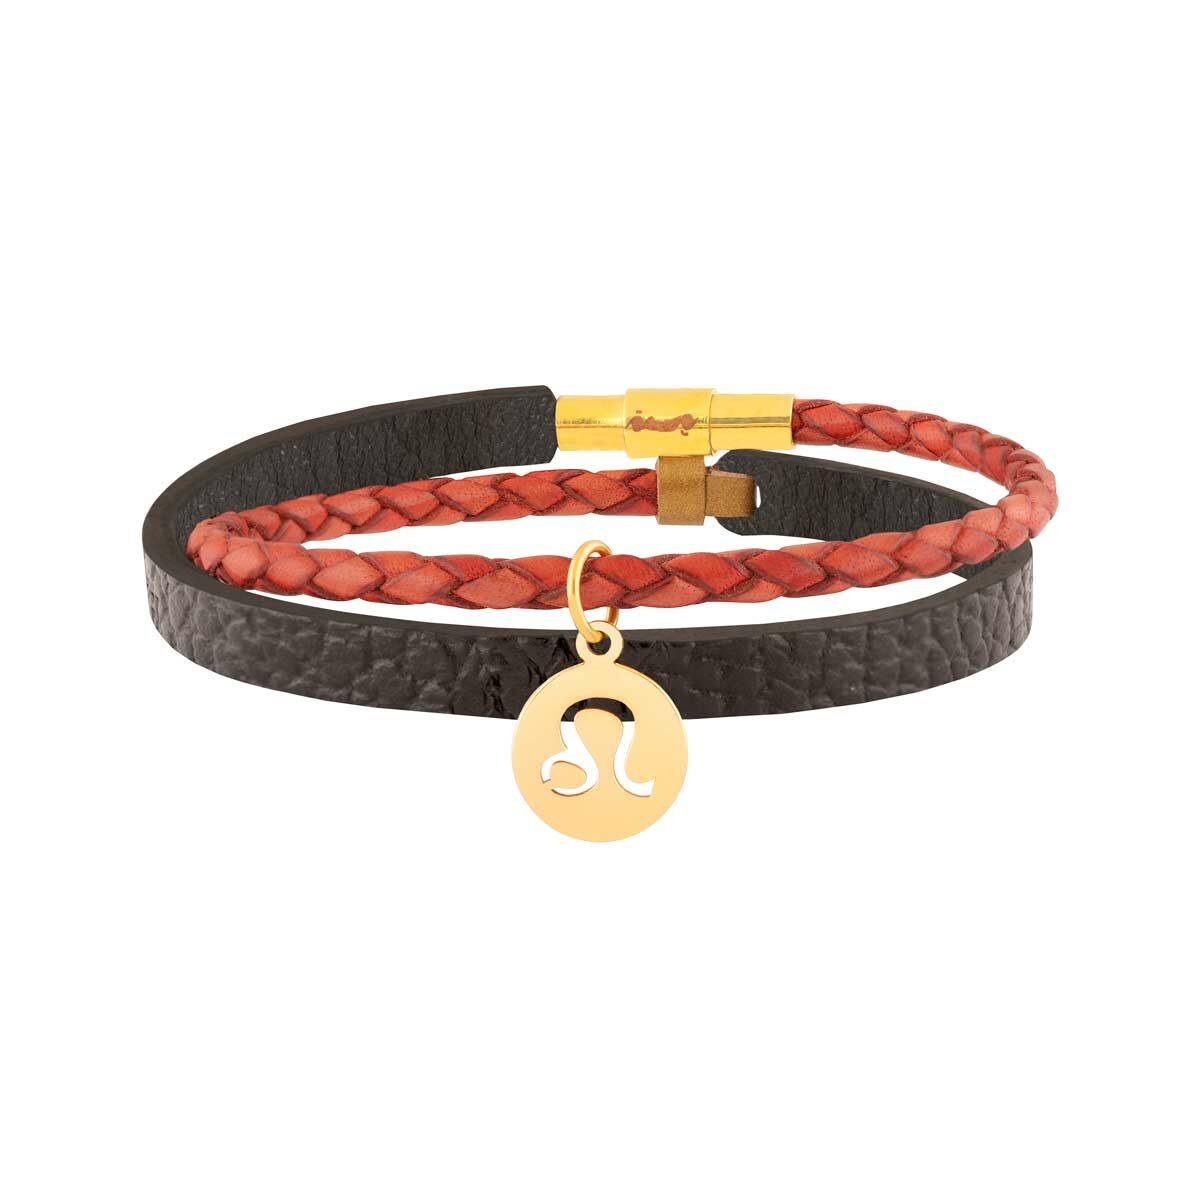 دستبند طلا چرم و بافت قرمز نماد ماه مرداد